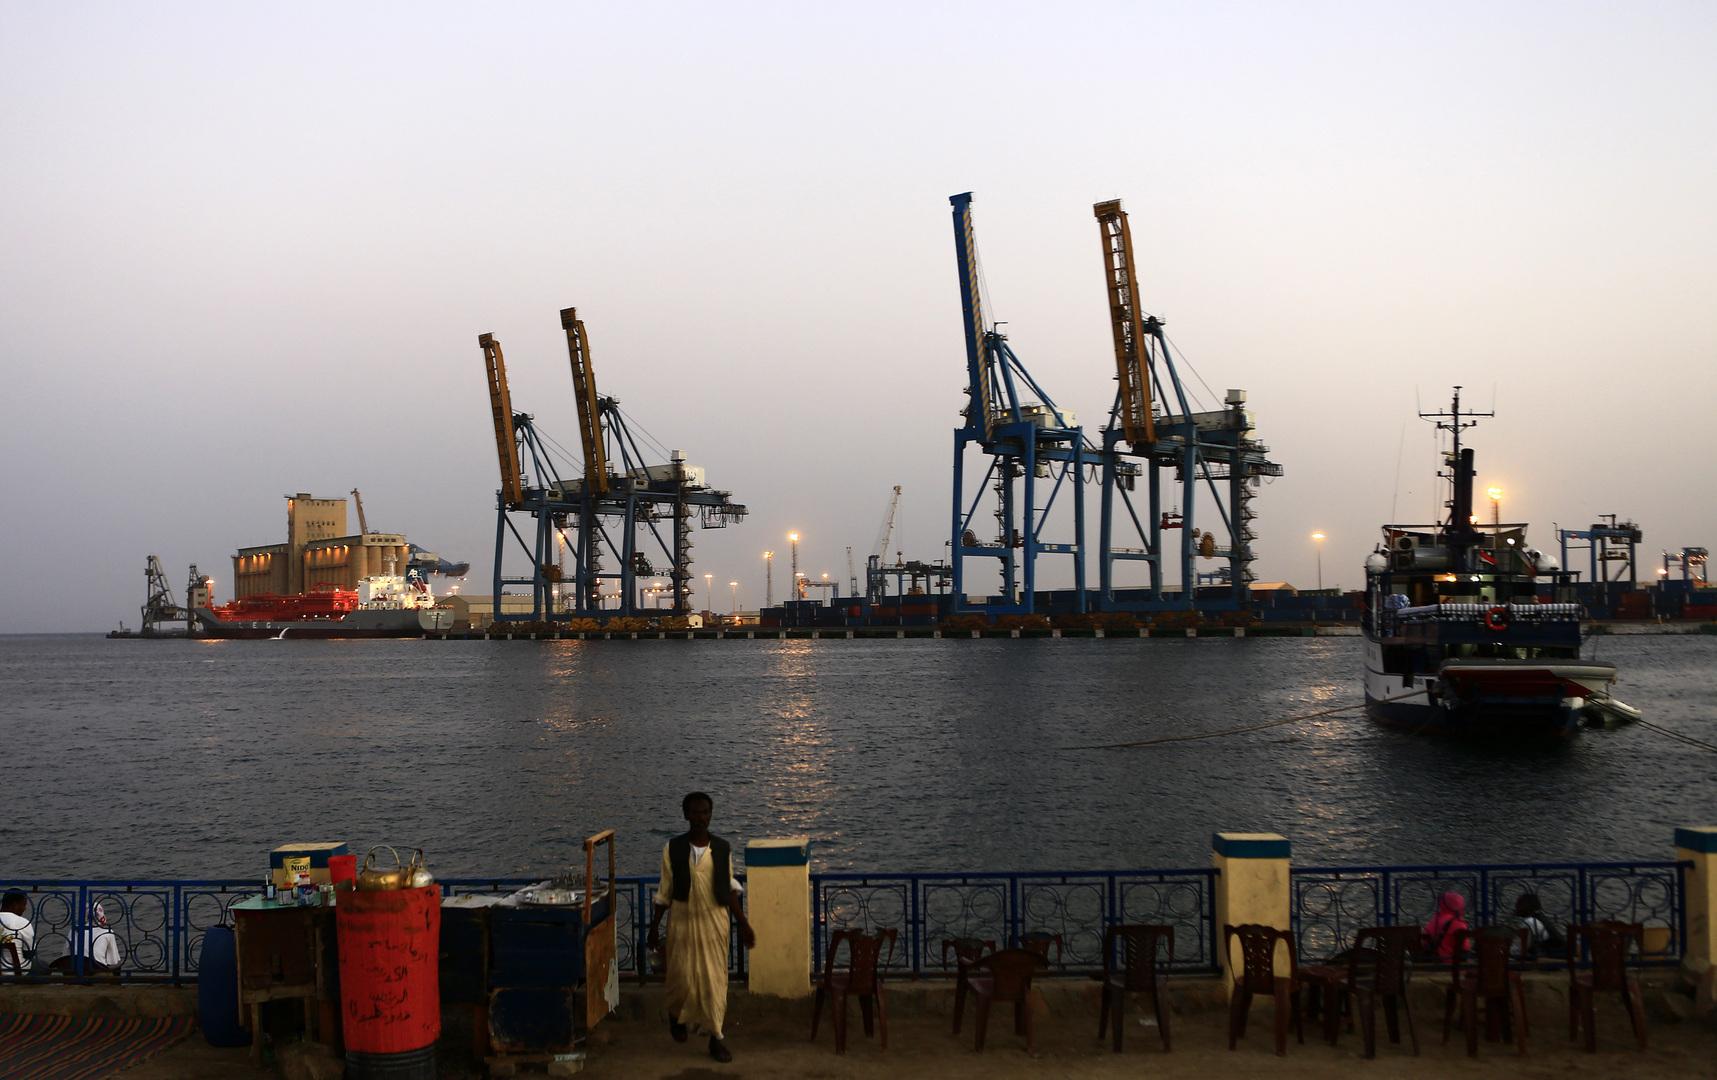 الحكومة الروسية تصدق على اتفاقية لإنشاء مركز لوجيستي للأسطول الروسي البحري في السودان